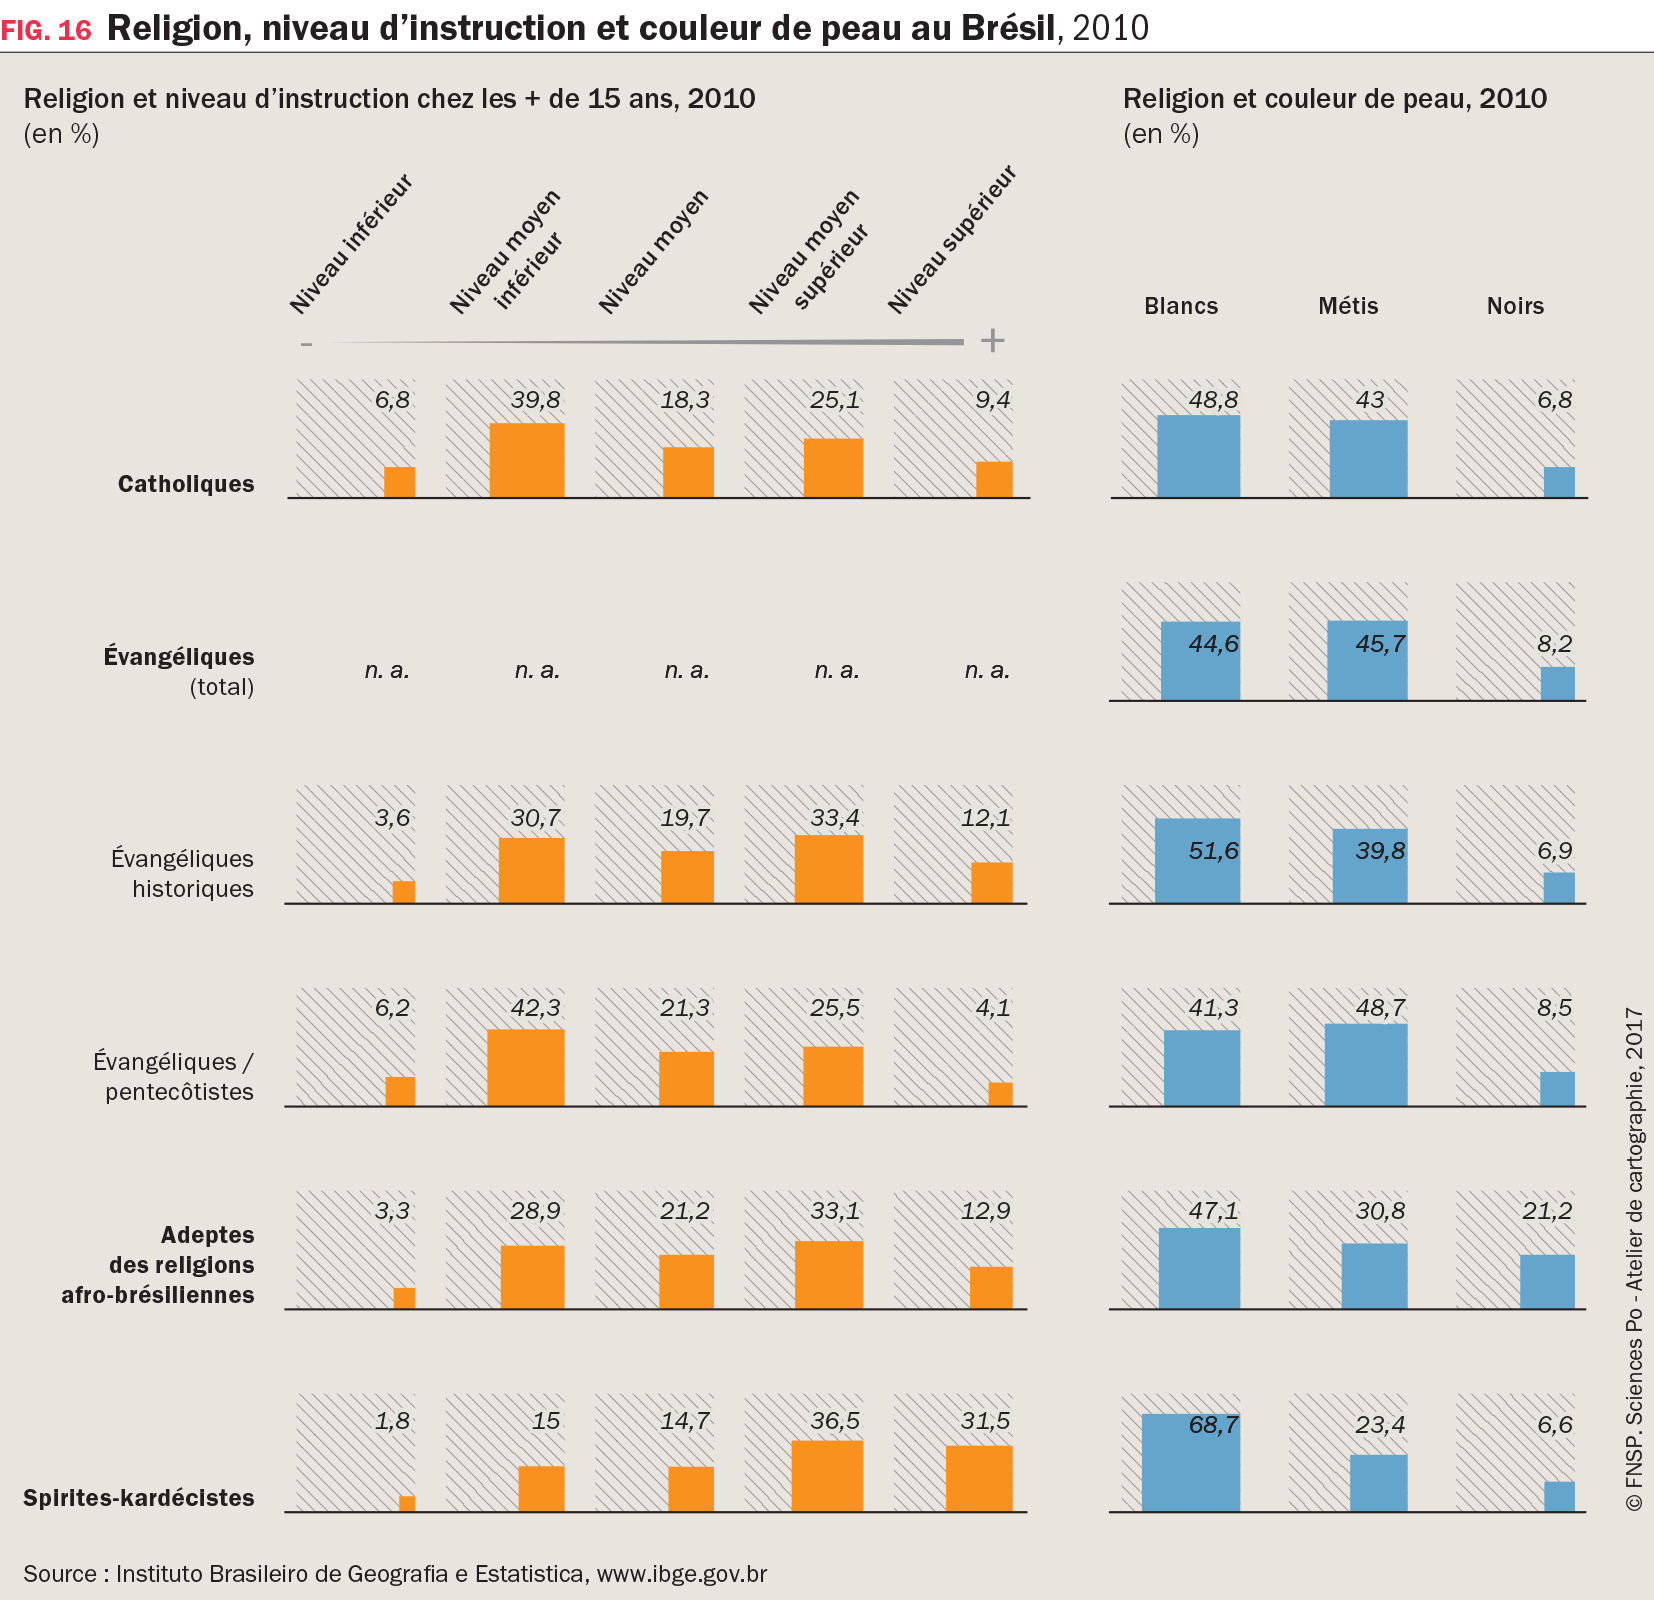 Graphique : Religion, niveau d'instruction et couleur de peau au Brésil, 2010